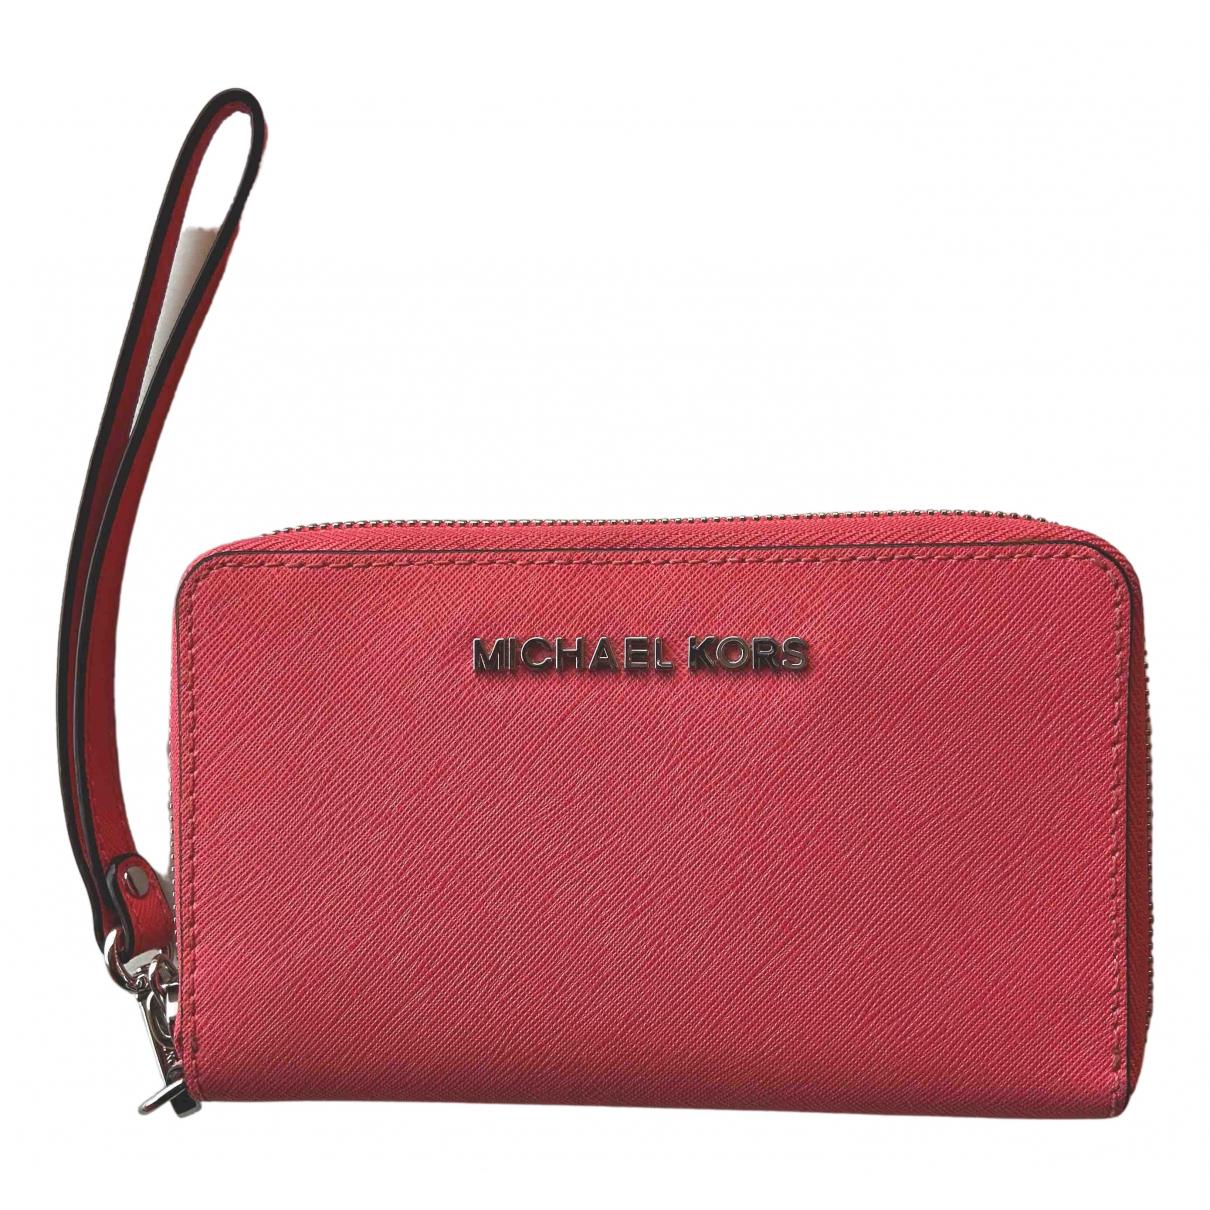 Michael Kors - Portefeuille   pour femme - rose